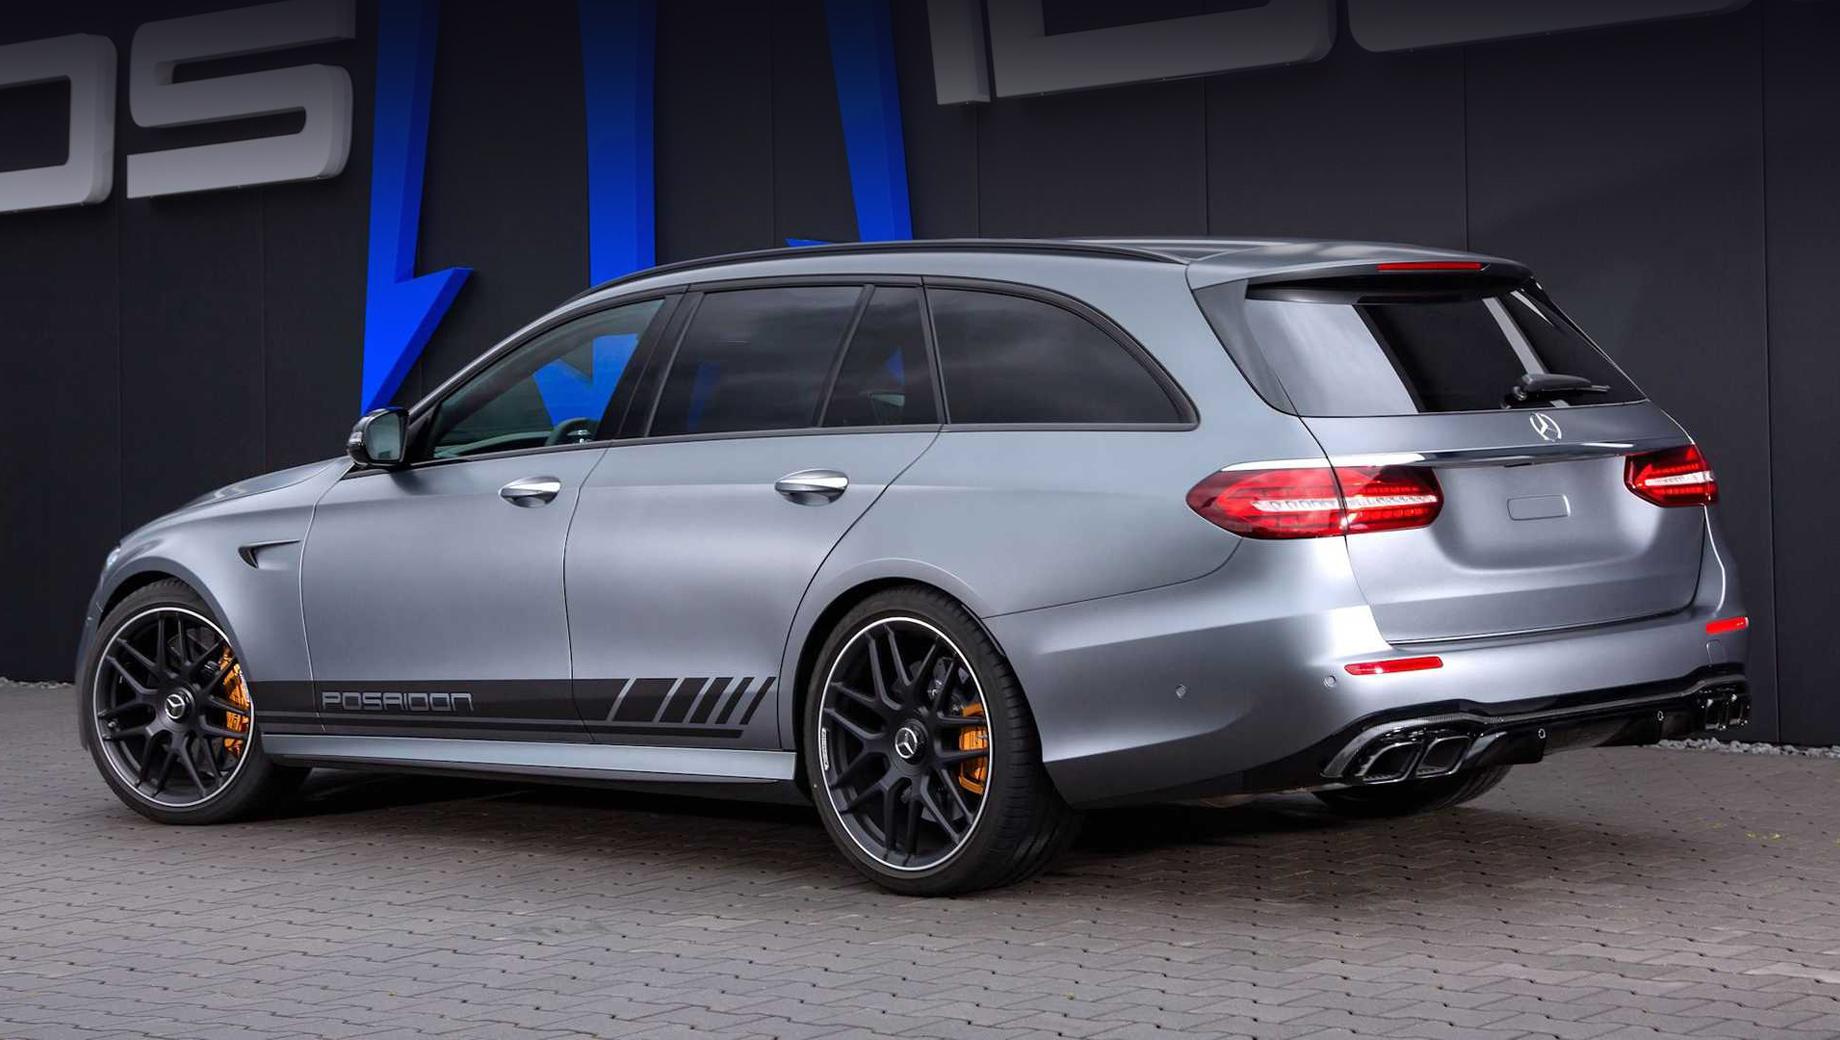 Mercedes e,Mercedes e amg. Максималка такого универсала ограничена электроникой ради продления срока жизни шин, но ограничение это внушительное: 350 км/ч.